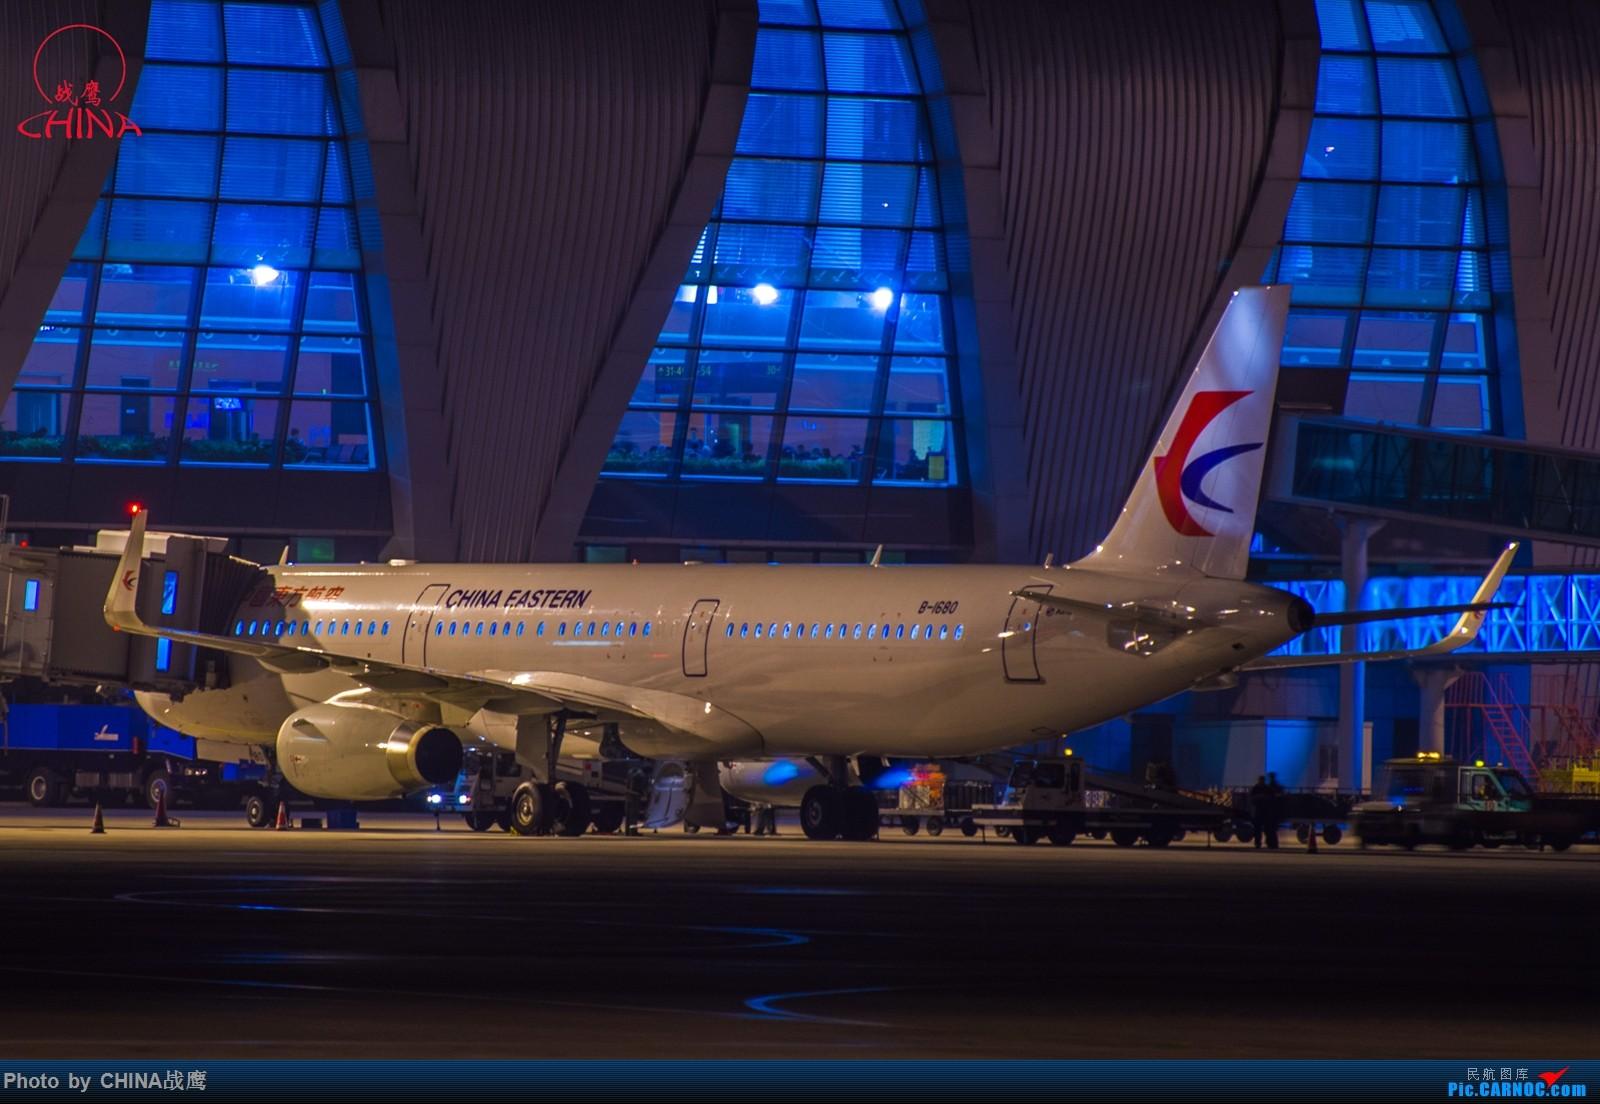 Re:[原创]【SHE】第三季度桃仙拍飞机集锦 AIRBUS A321-200 B-1680 中国沈阳桃仙国际机场